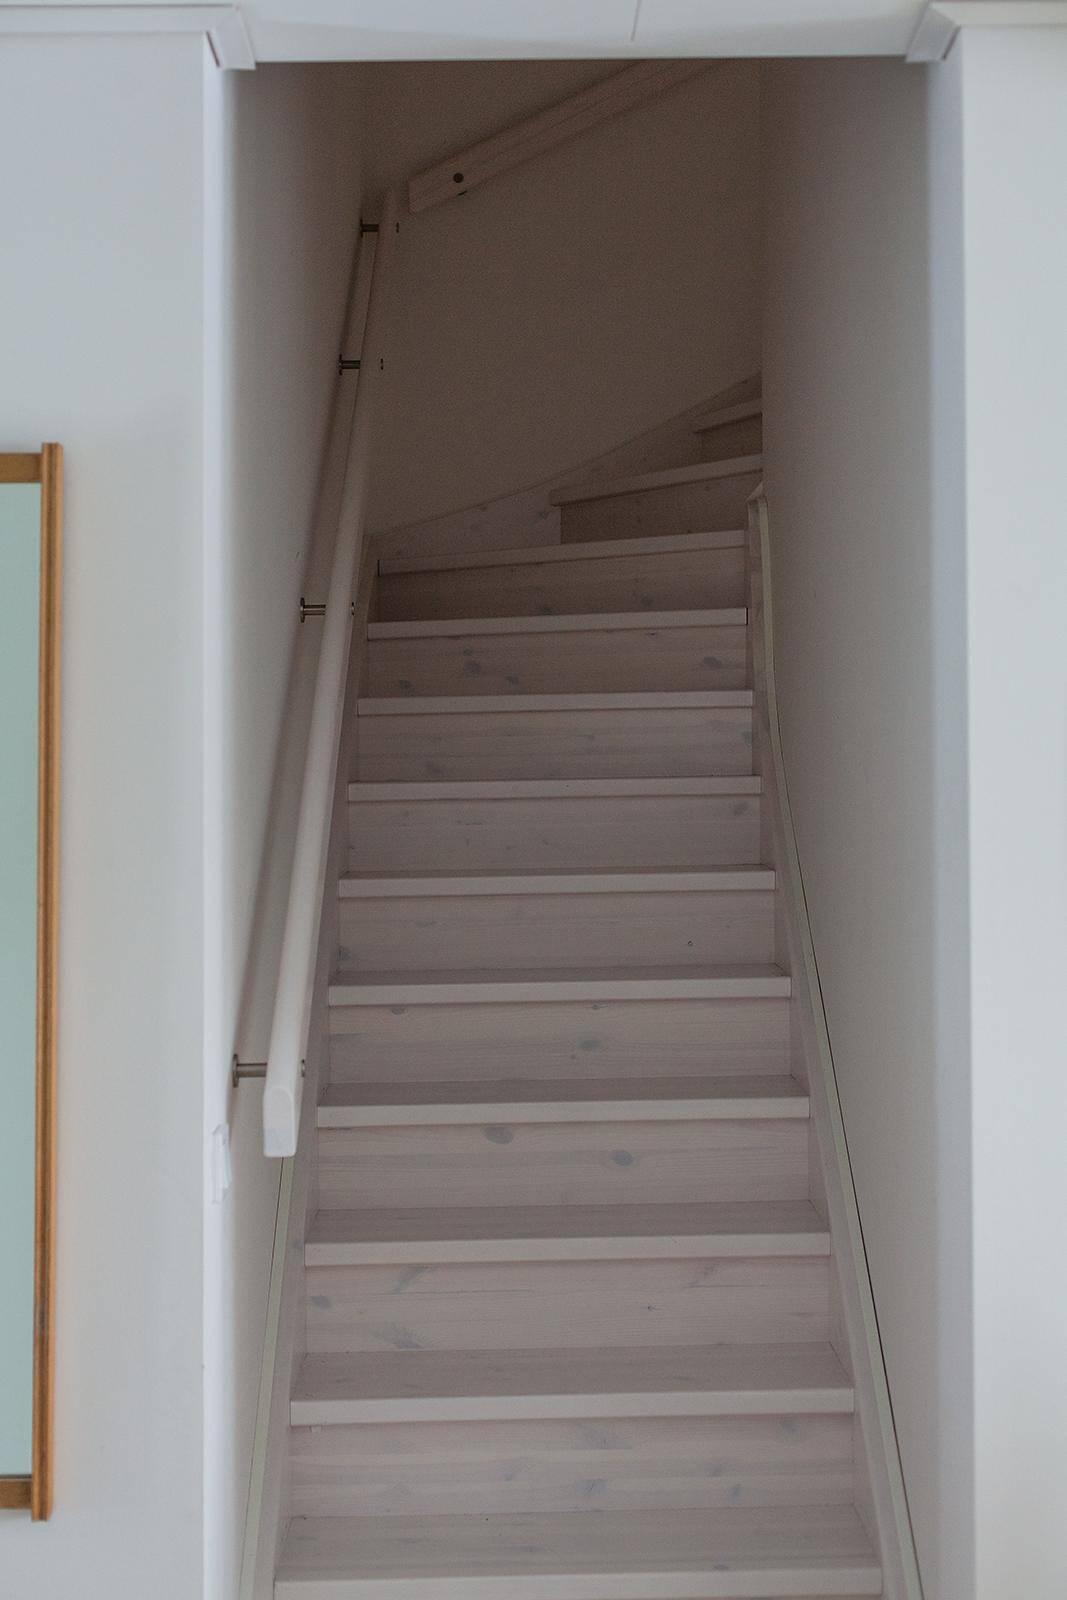 En trappa leder upp till övre plan